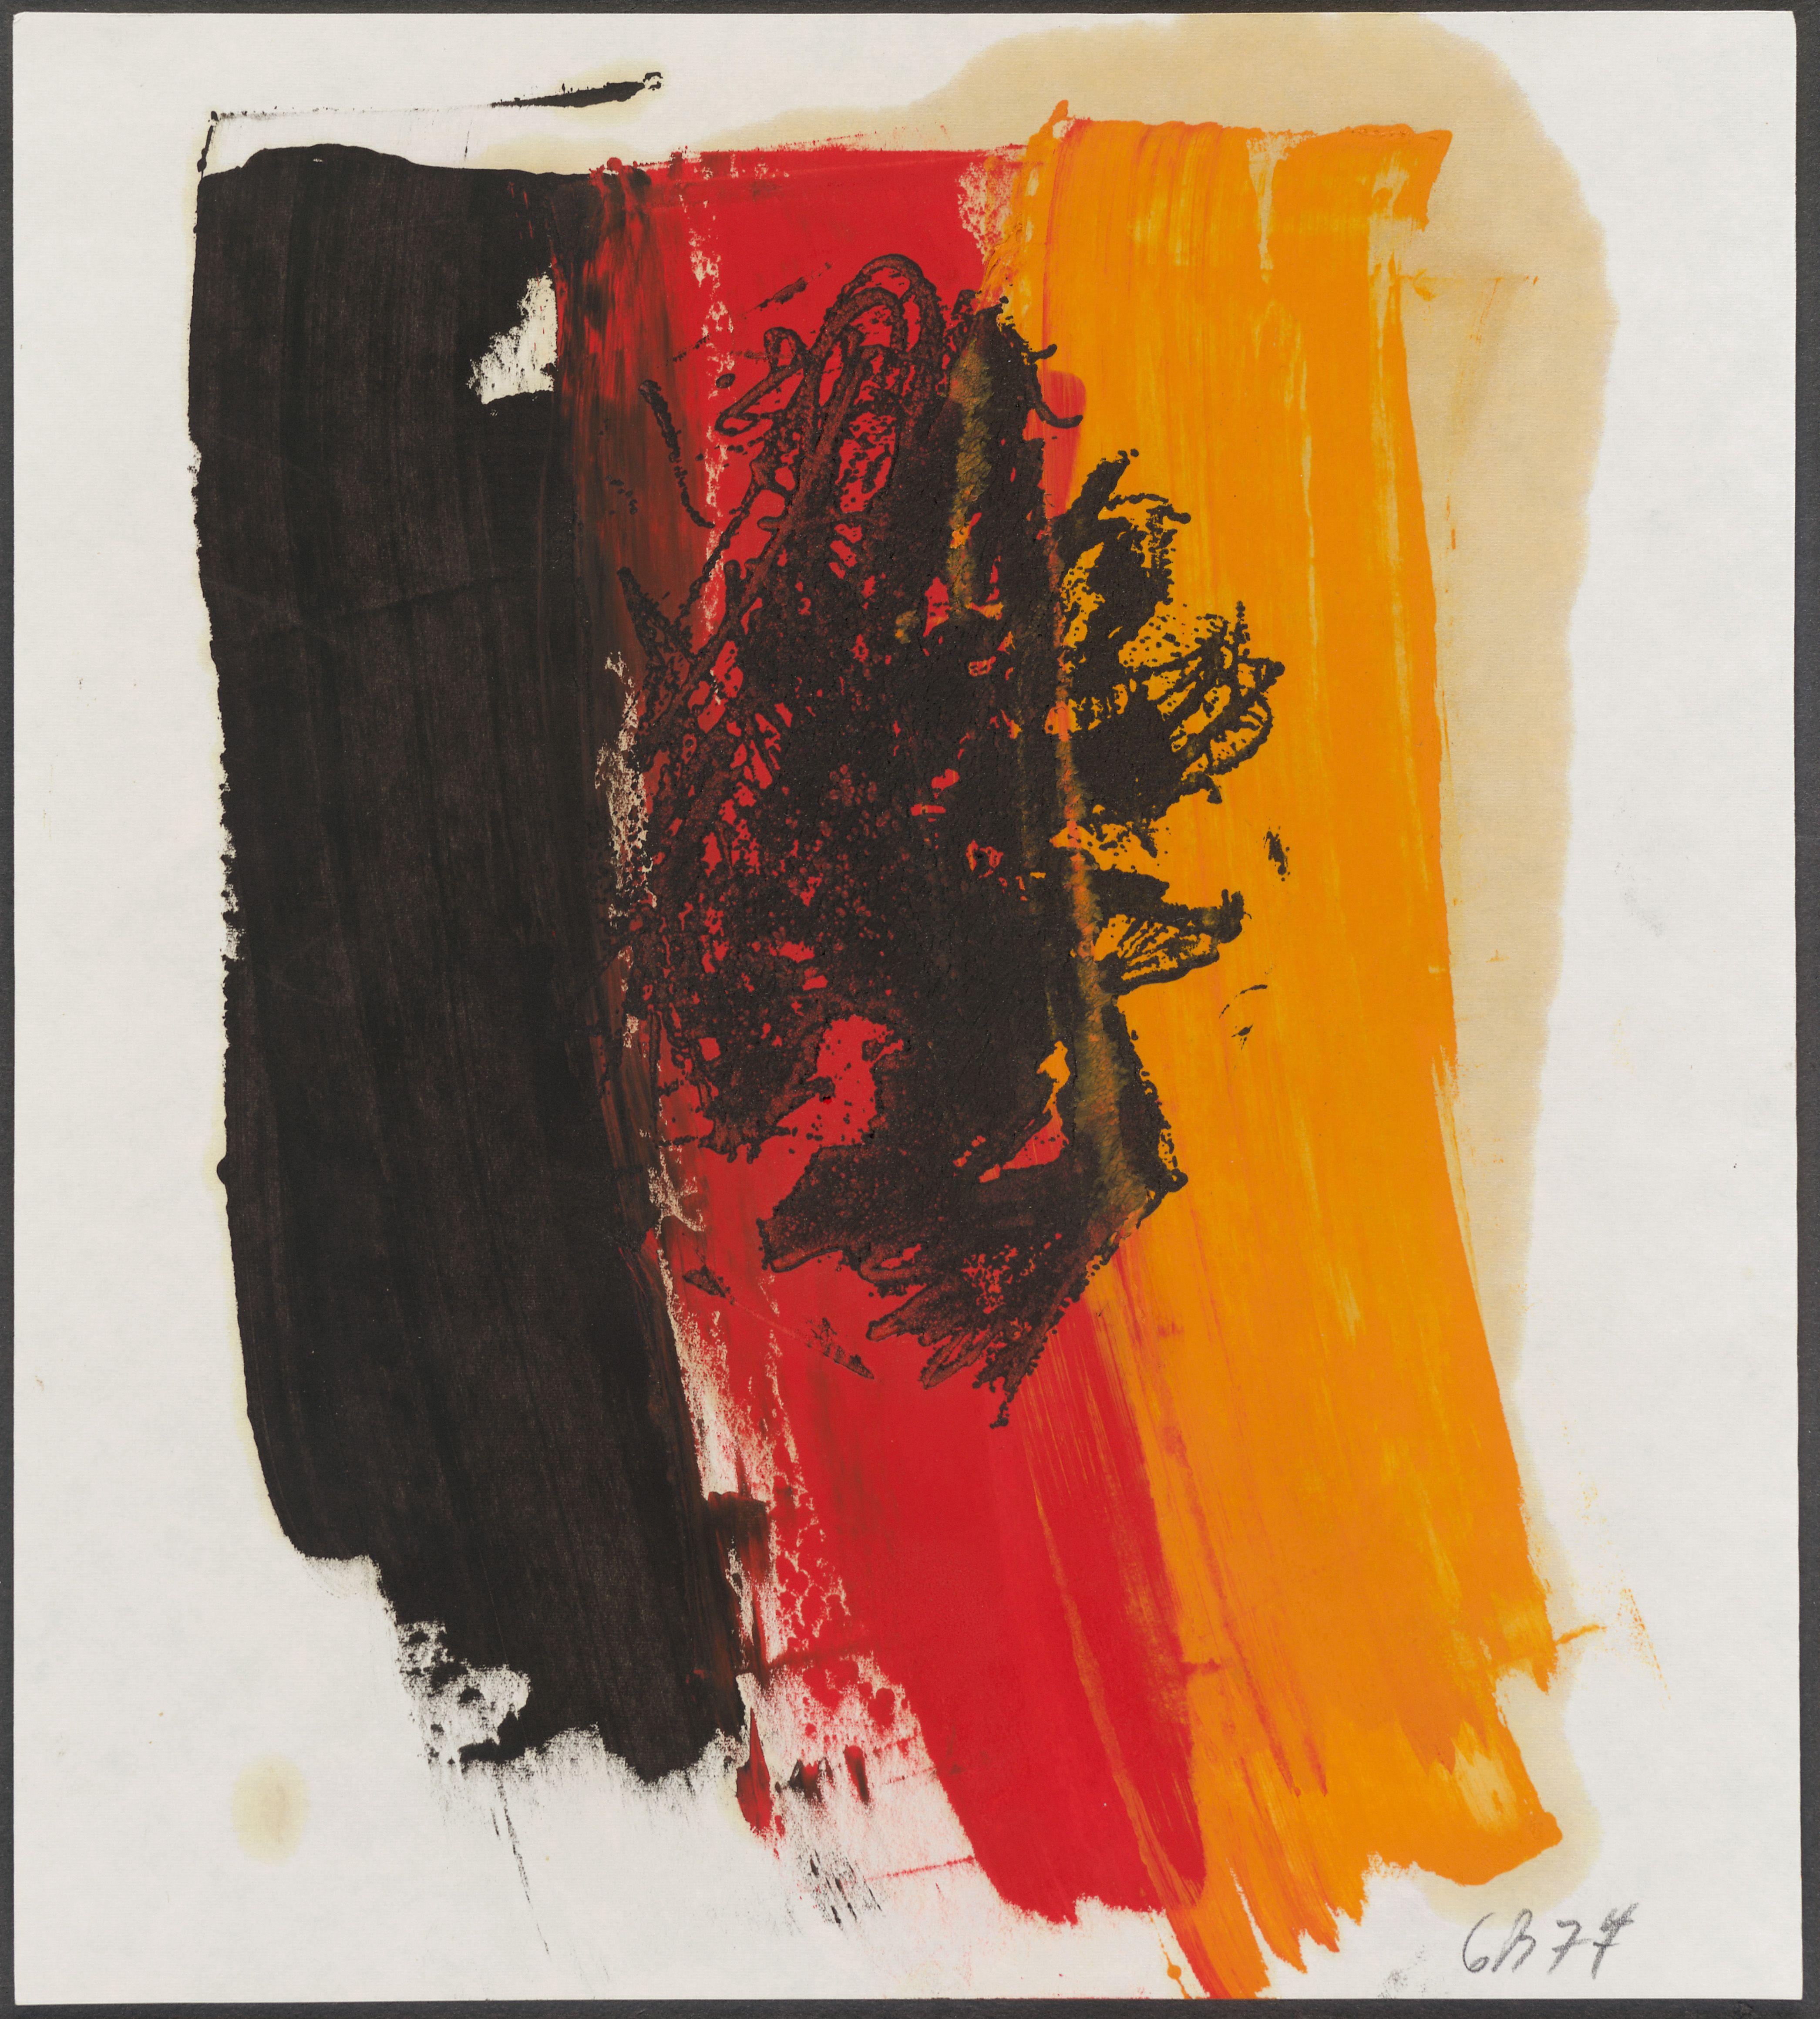 Georg Baselitz: Adler, 1977. Radierung, handkoloriert. Copyright Georg Baselitz, 2016. Schenkung an das British Museum von Count Christian Duerckheim